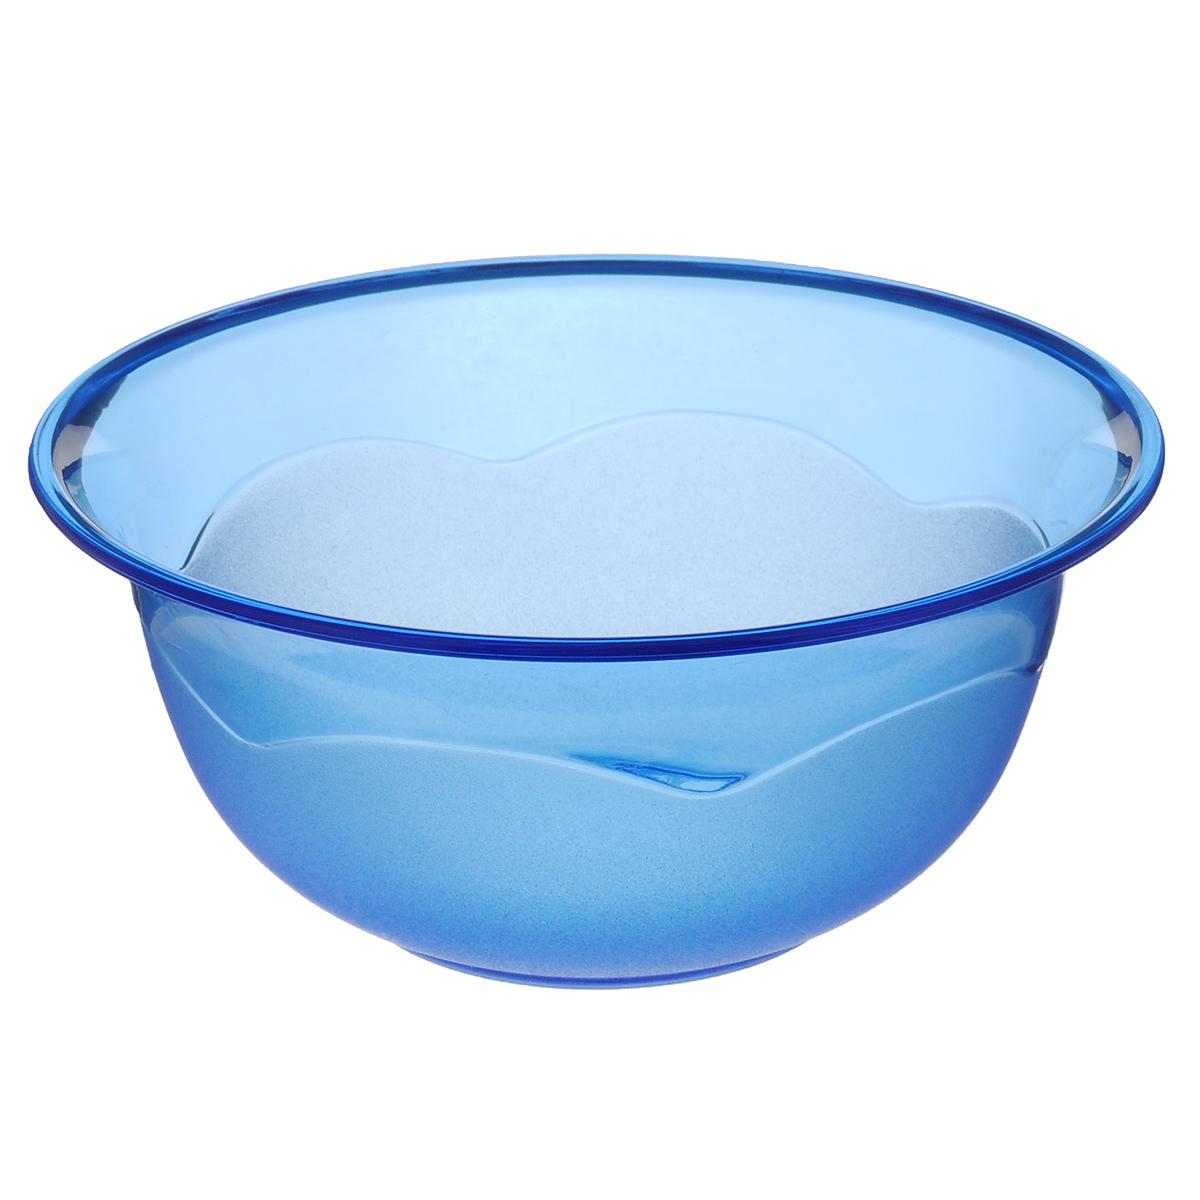 Миска Dunya Plastik, цвет: синий, 0,5 л11161_синийМиска Dunya Plastik круглой формы изготовлена из пищевого пластика. Внешние стенки миски матовые. Изделие очень функционально, оно пригодится на кухне для самых разнообразных нужд: в качестве салатника, миски, тарелки и т.д. Можно мыть в посудомоечной машине. Объем: 0,5 л. Диаметр миски (по верхнему краю): 14 см. Высота стенки: 6,1 см.